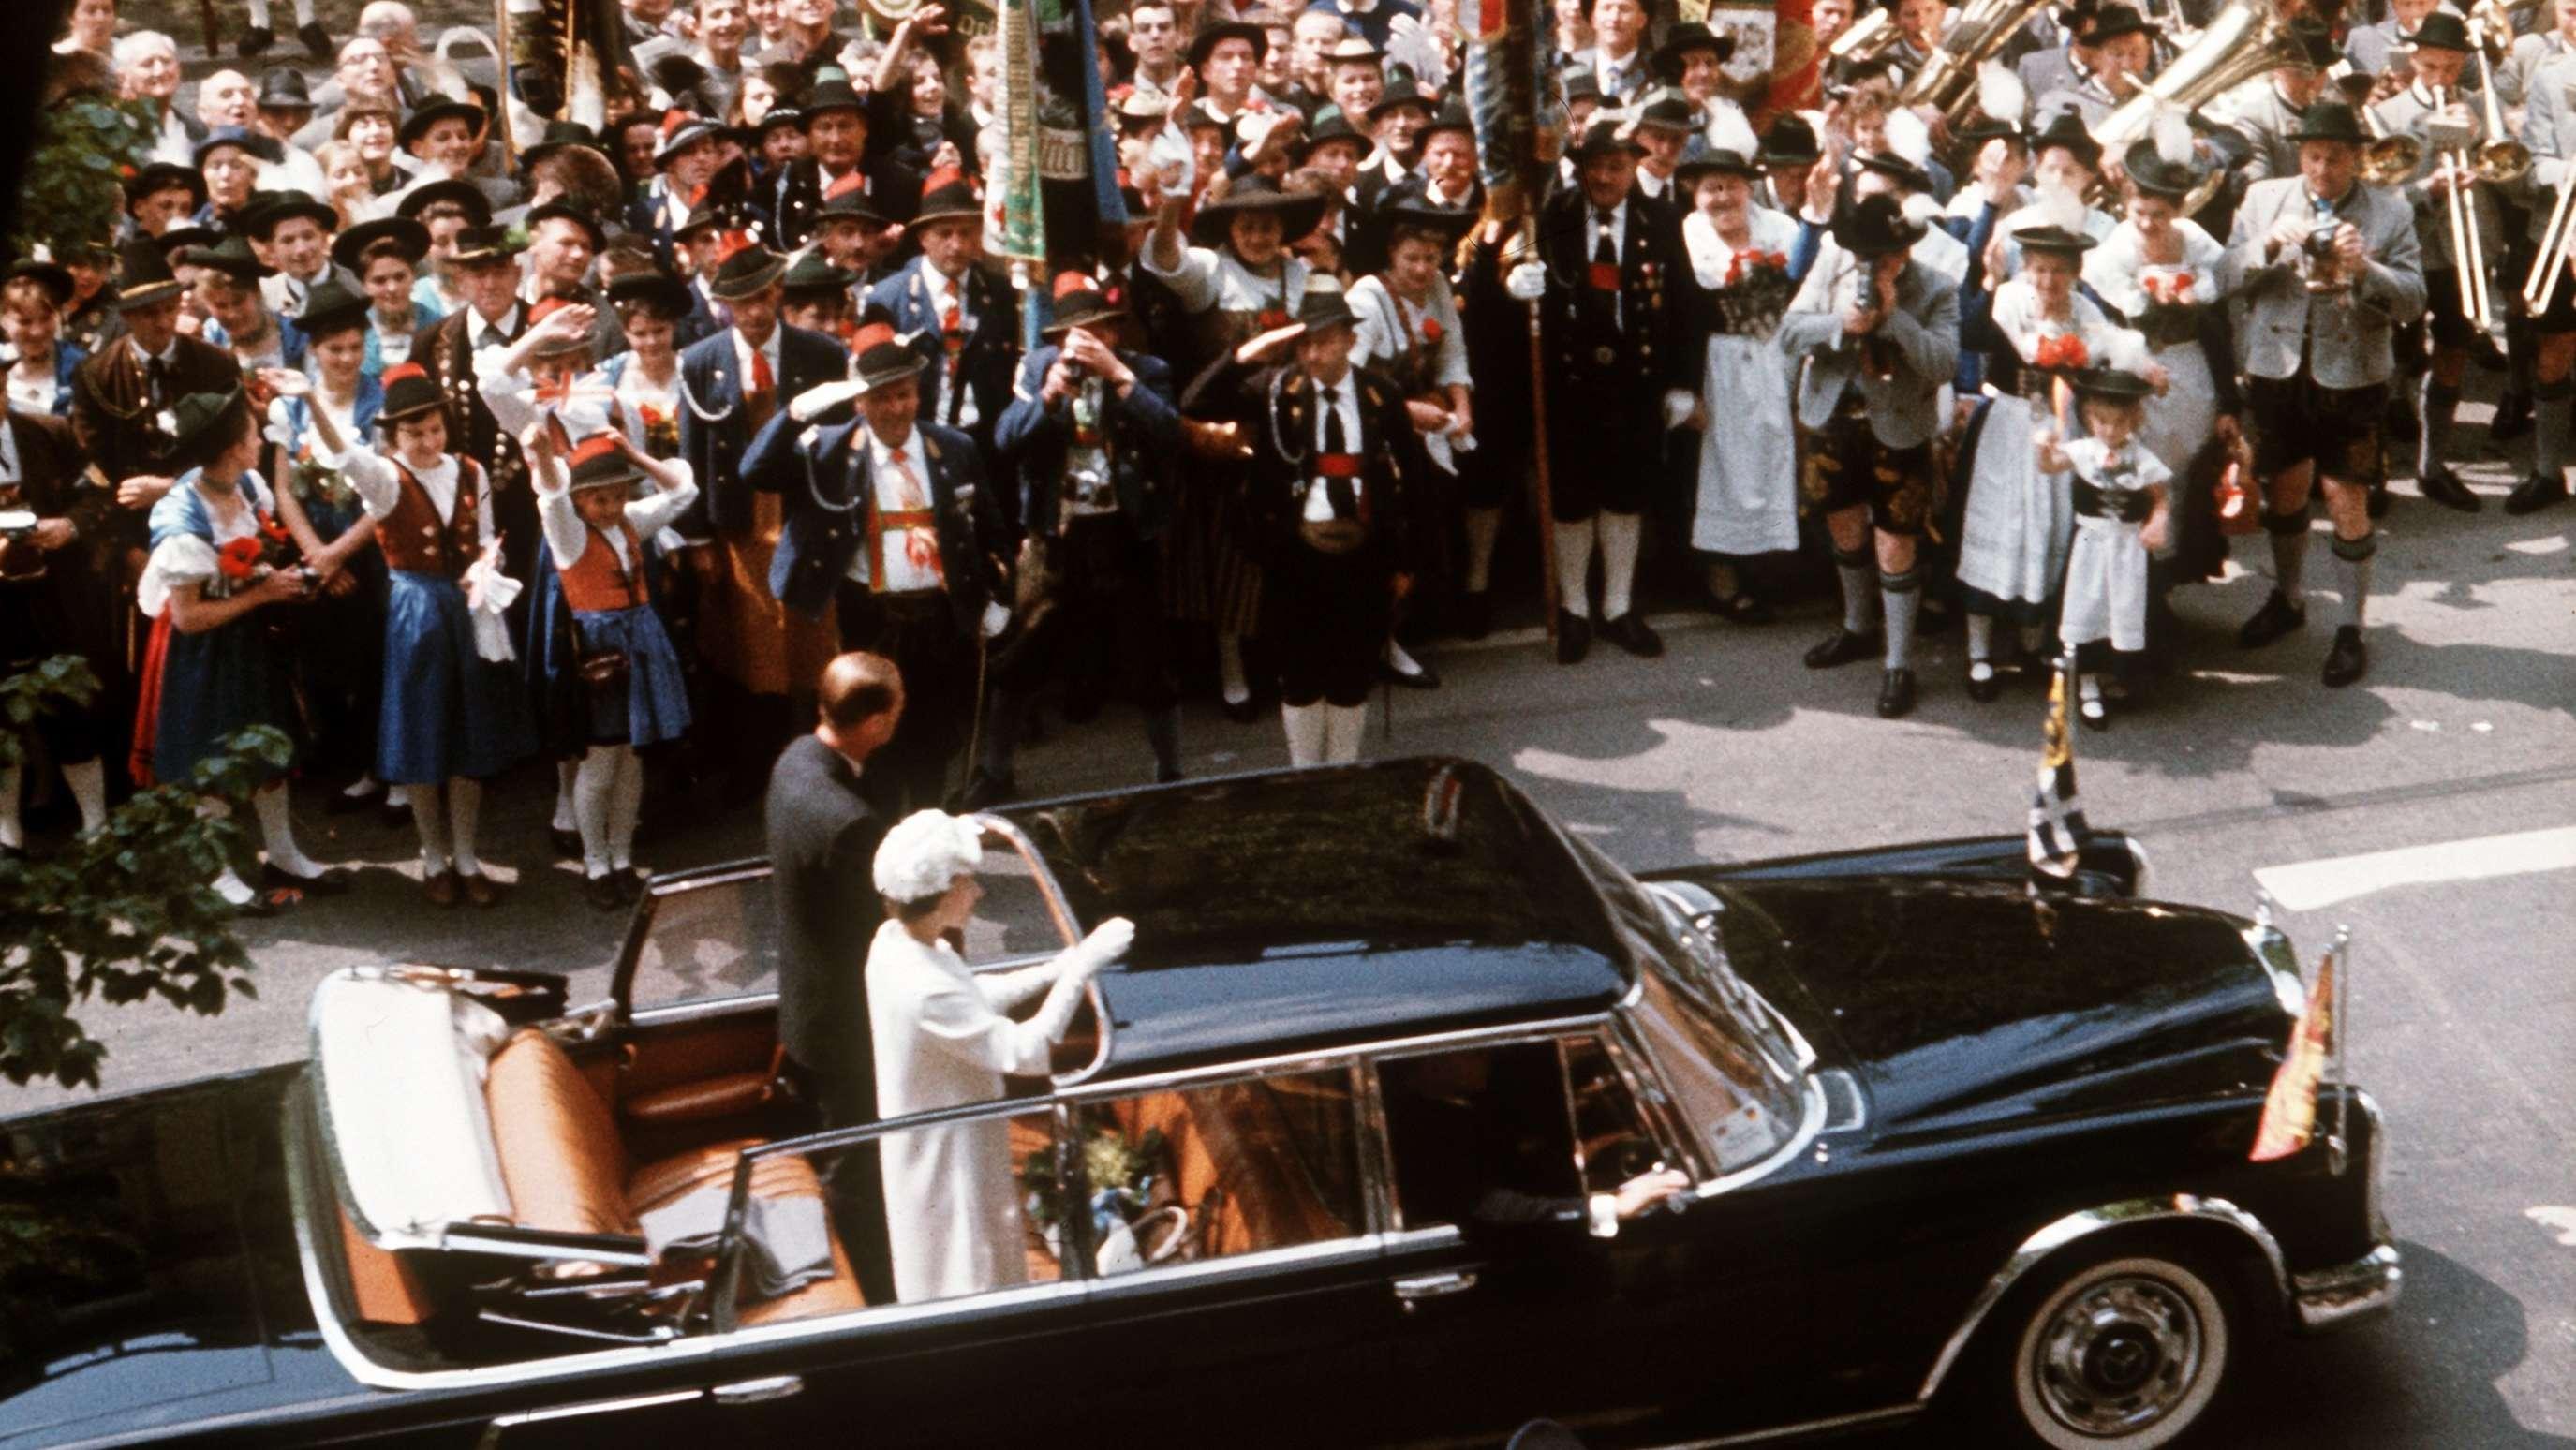 München-Besuch von Queen Elizabeth II. und Ehemann Prinz Philip 1965: Trachtengruppen jubeln dem Königspaar zu.